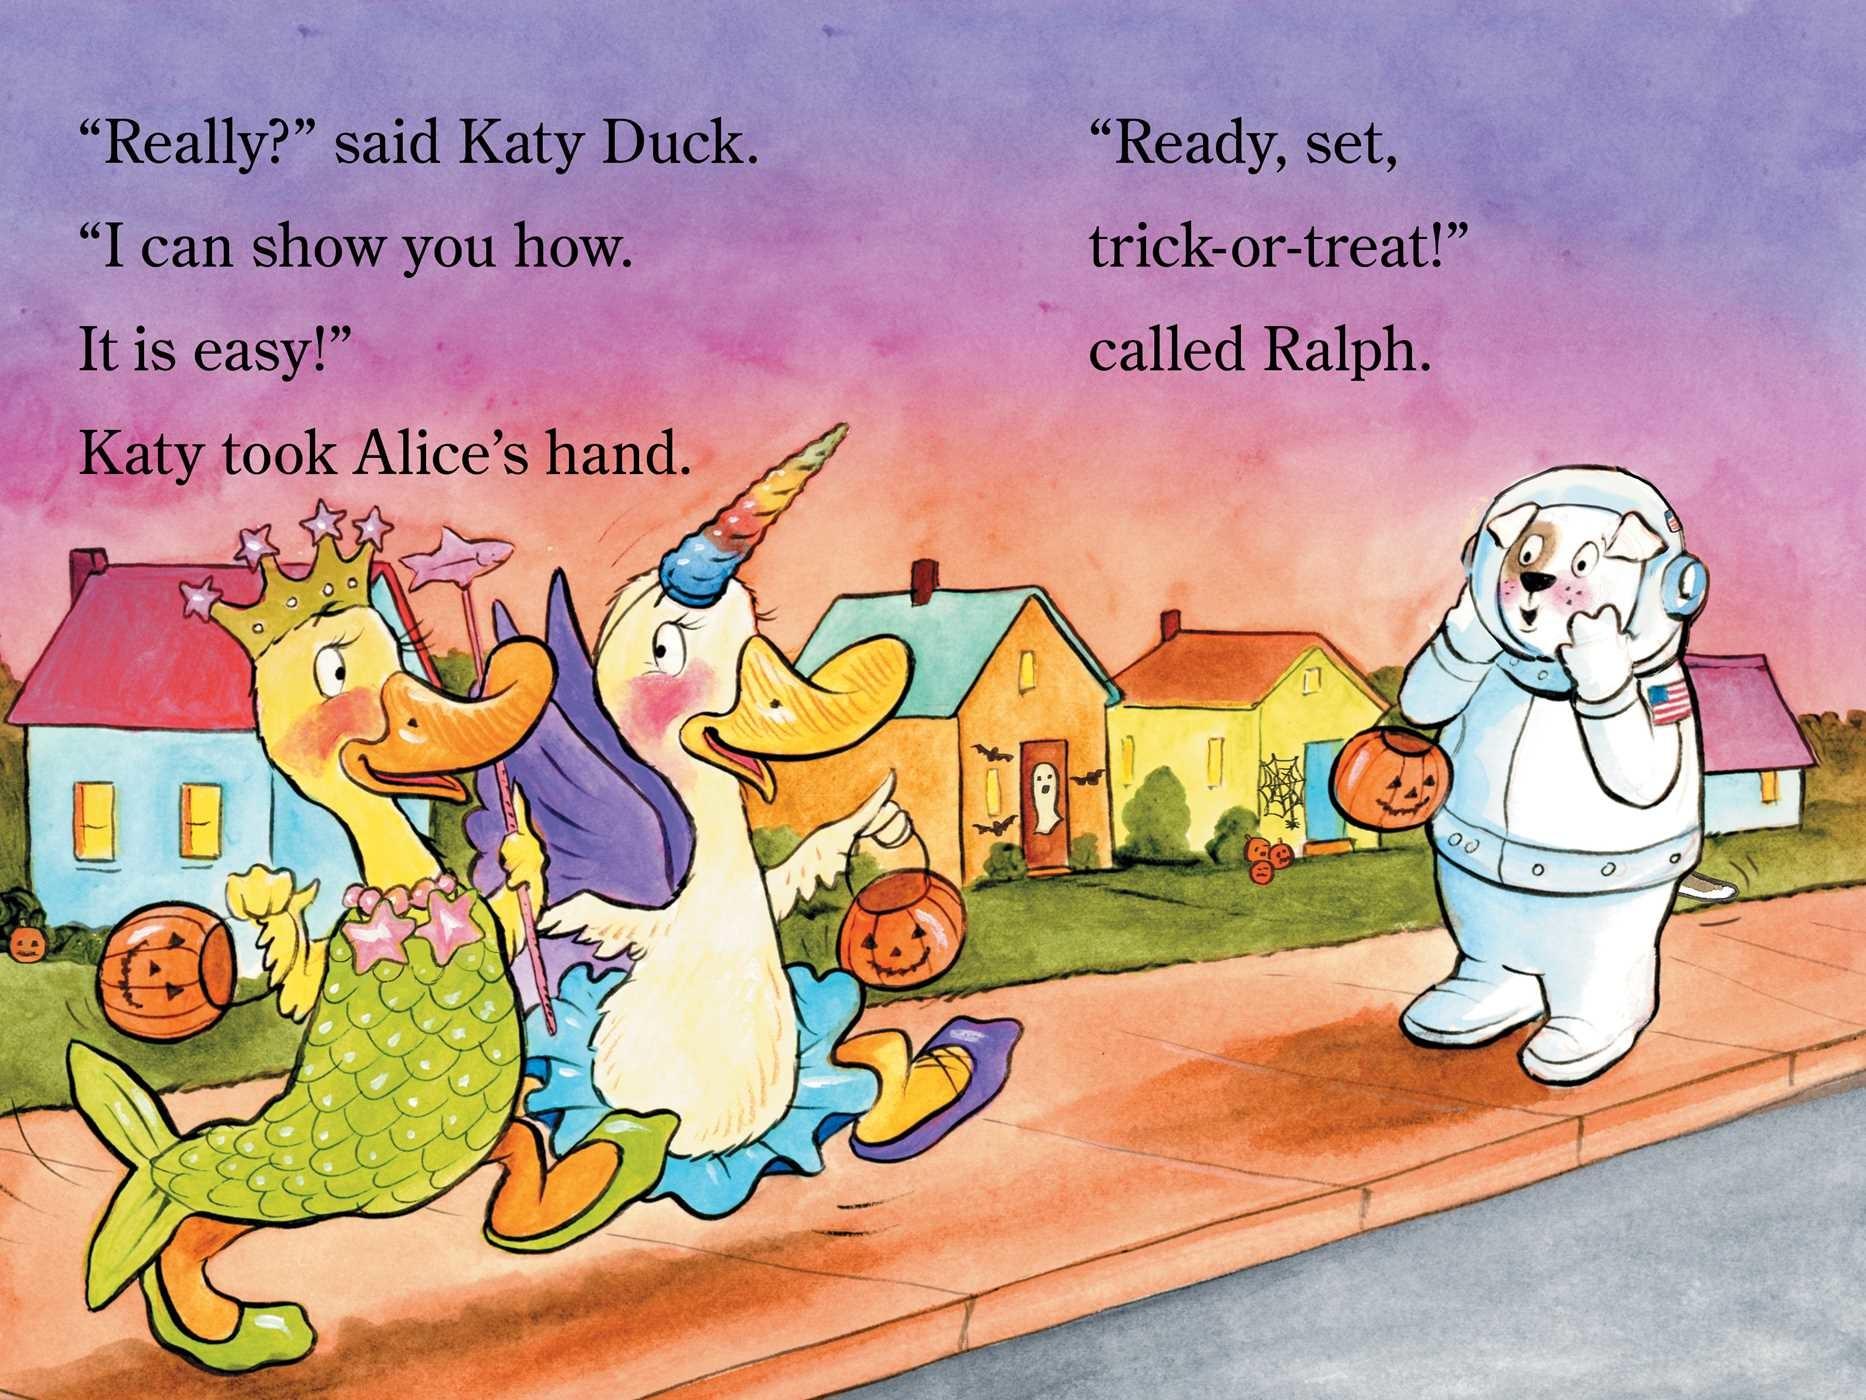 Katy ducks happy halloween 9781442498068.in02